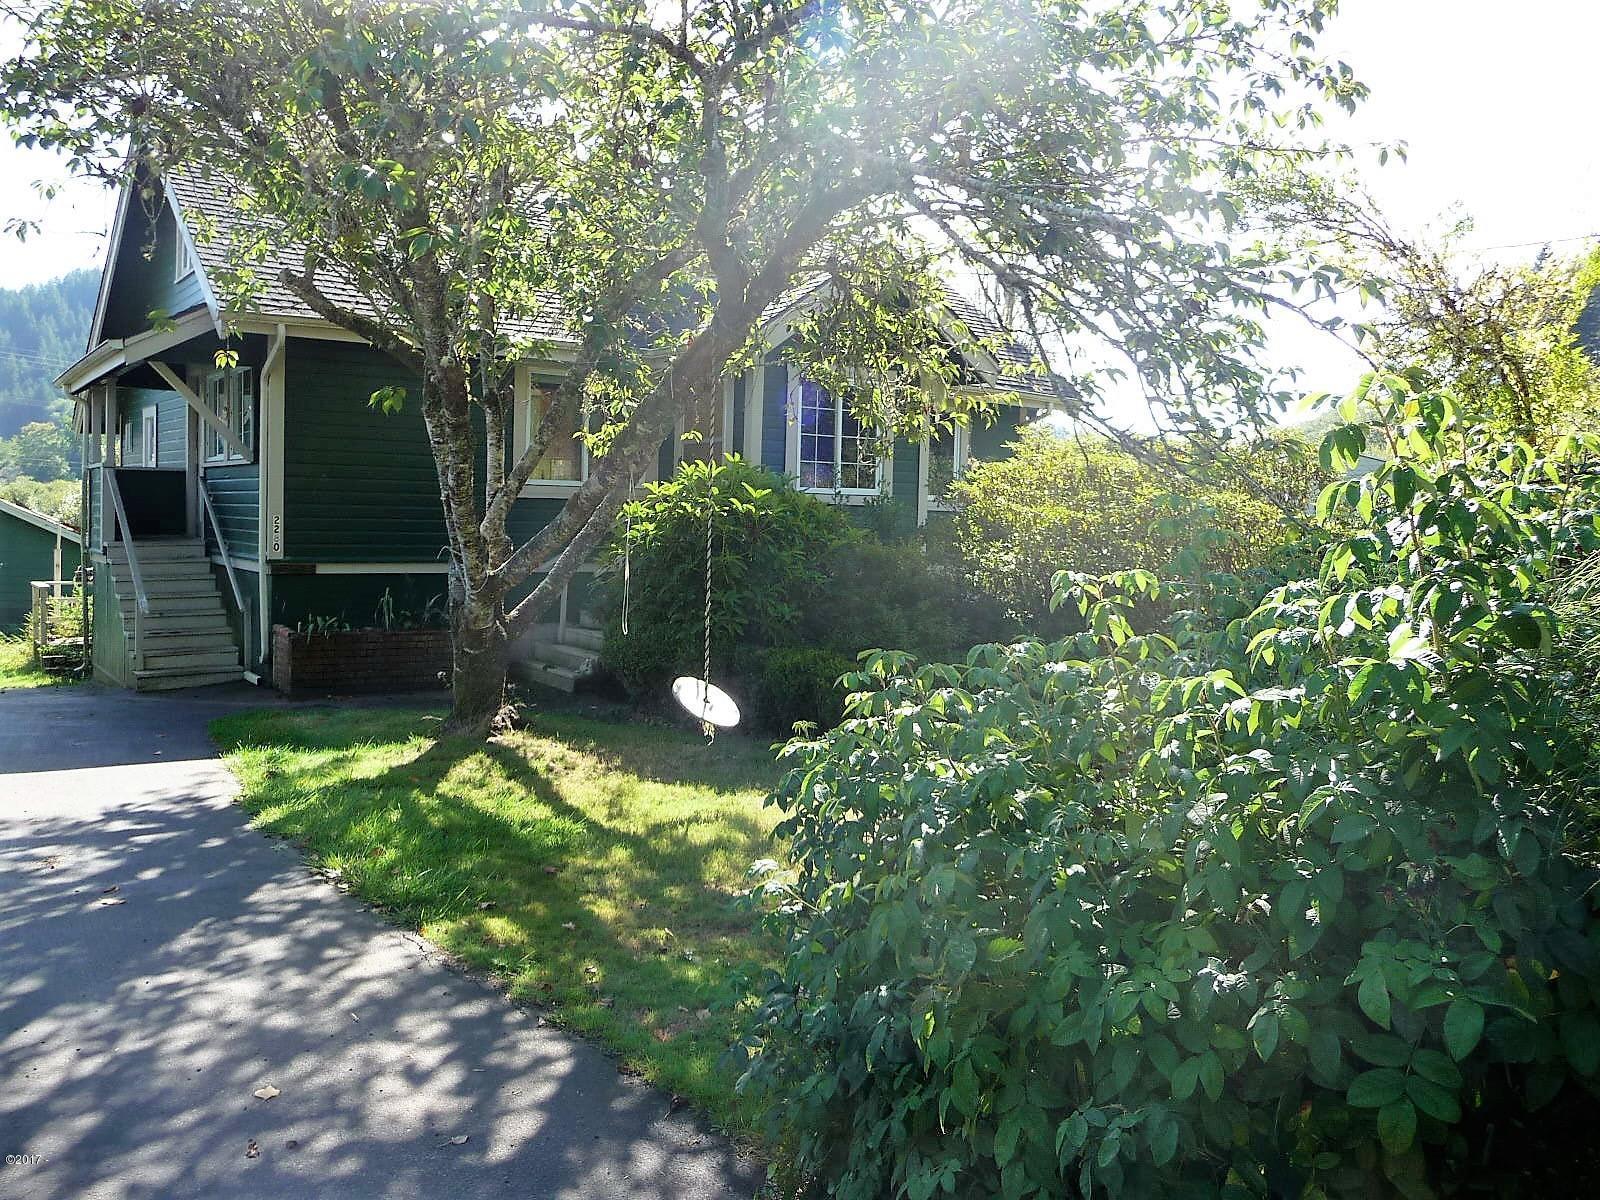 2280 NE Mossy Loop, Toledo, OR 97391 - Front of home